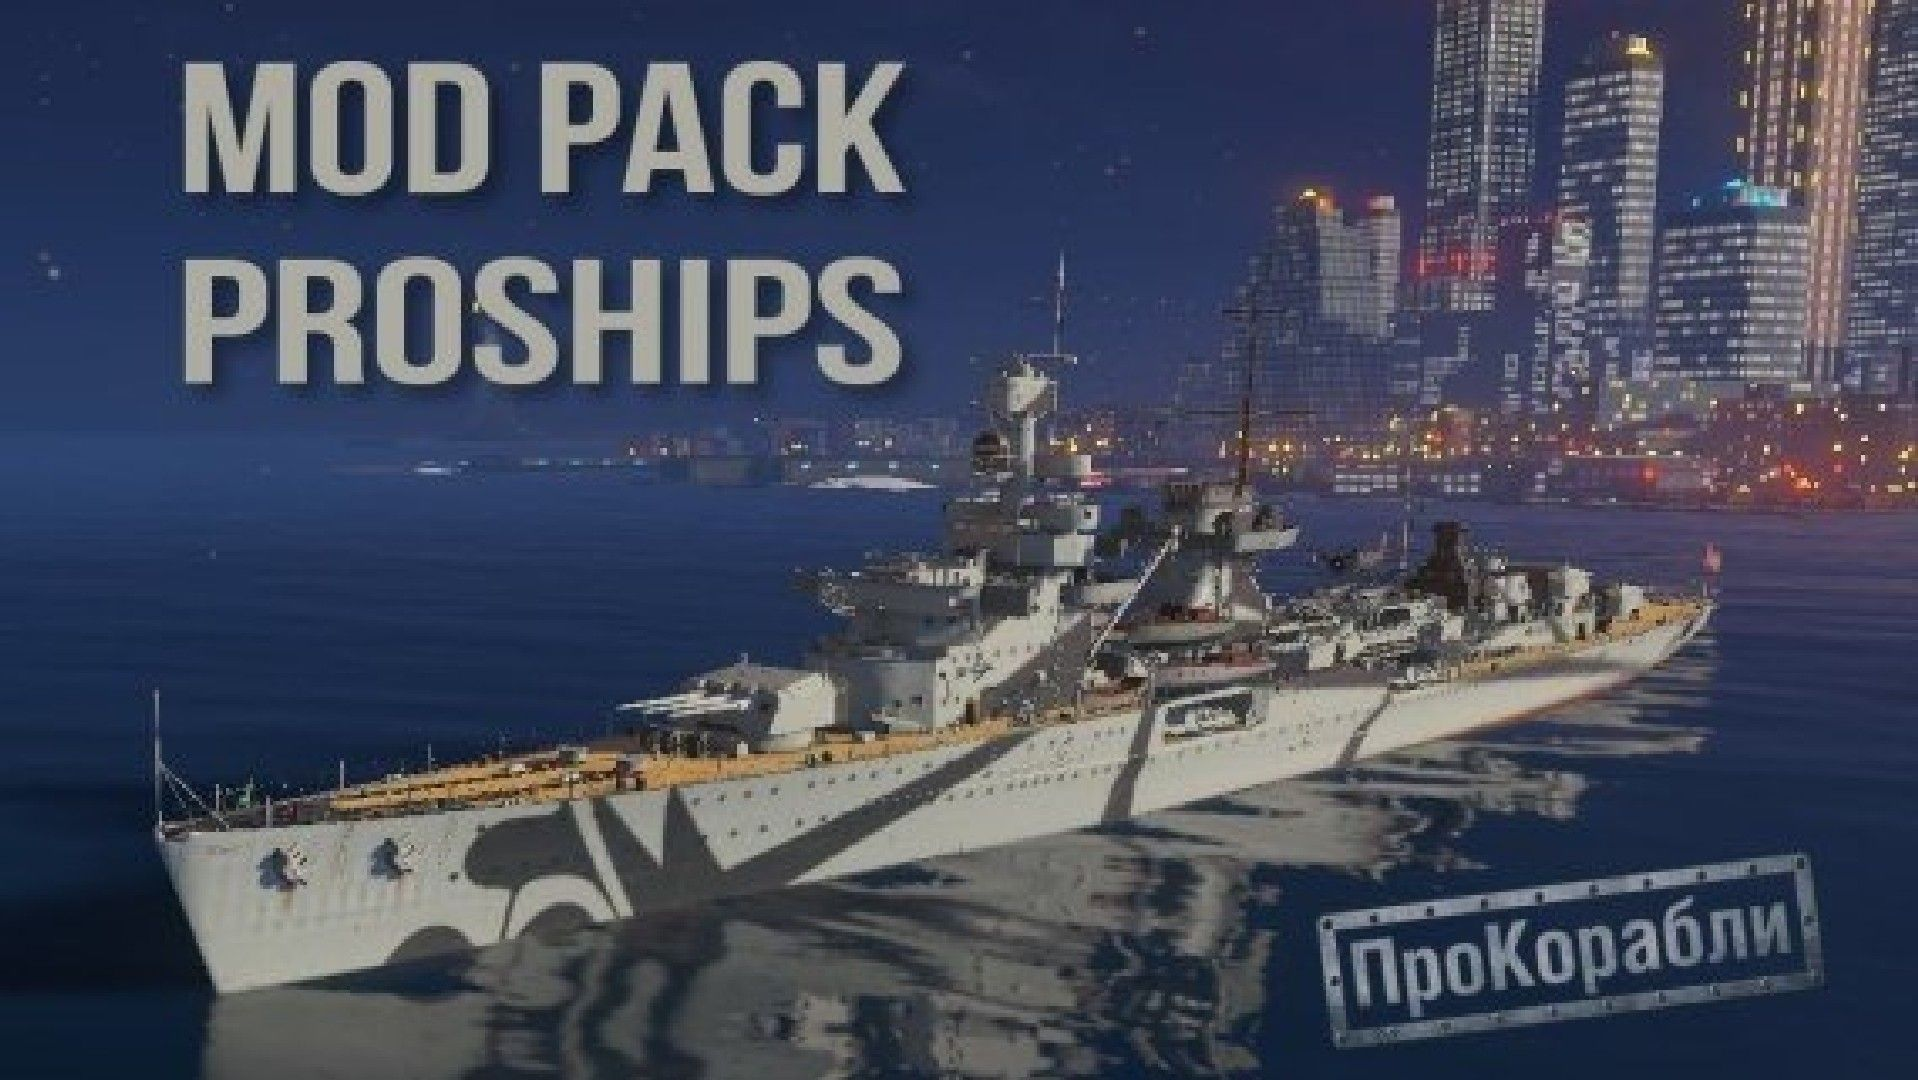 Модпак Pro Ships